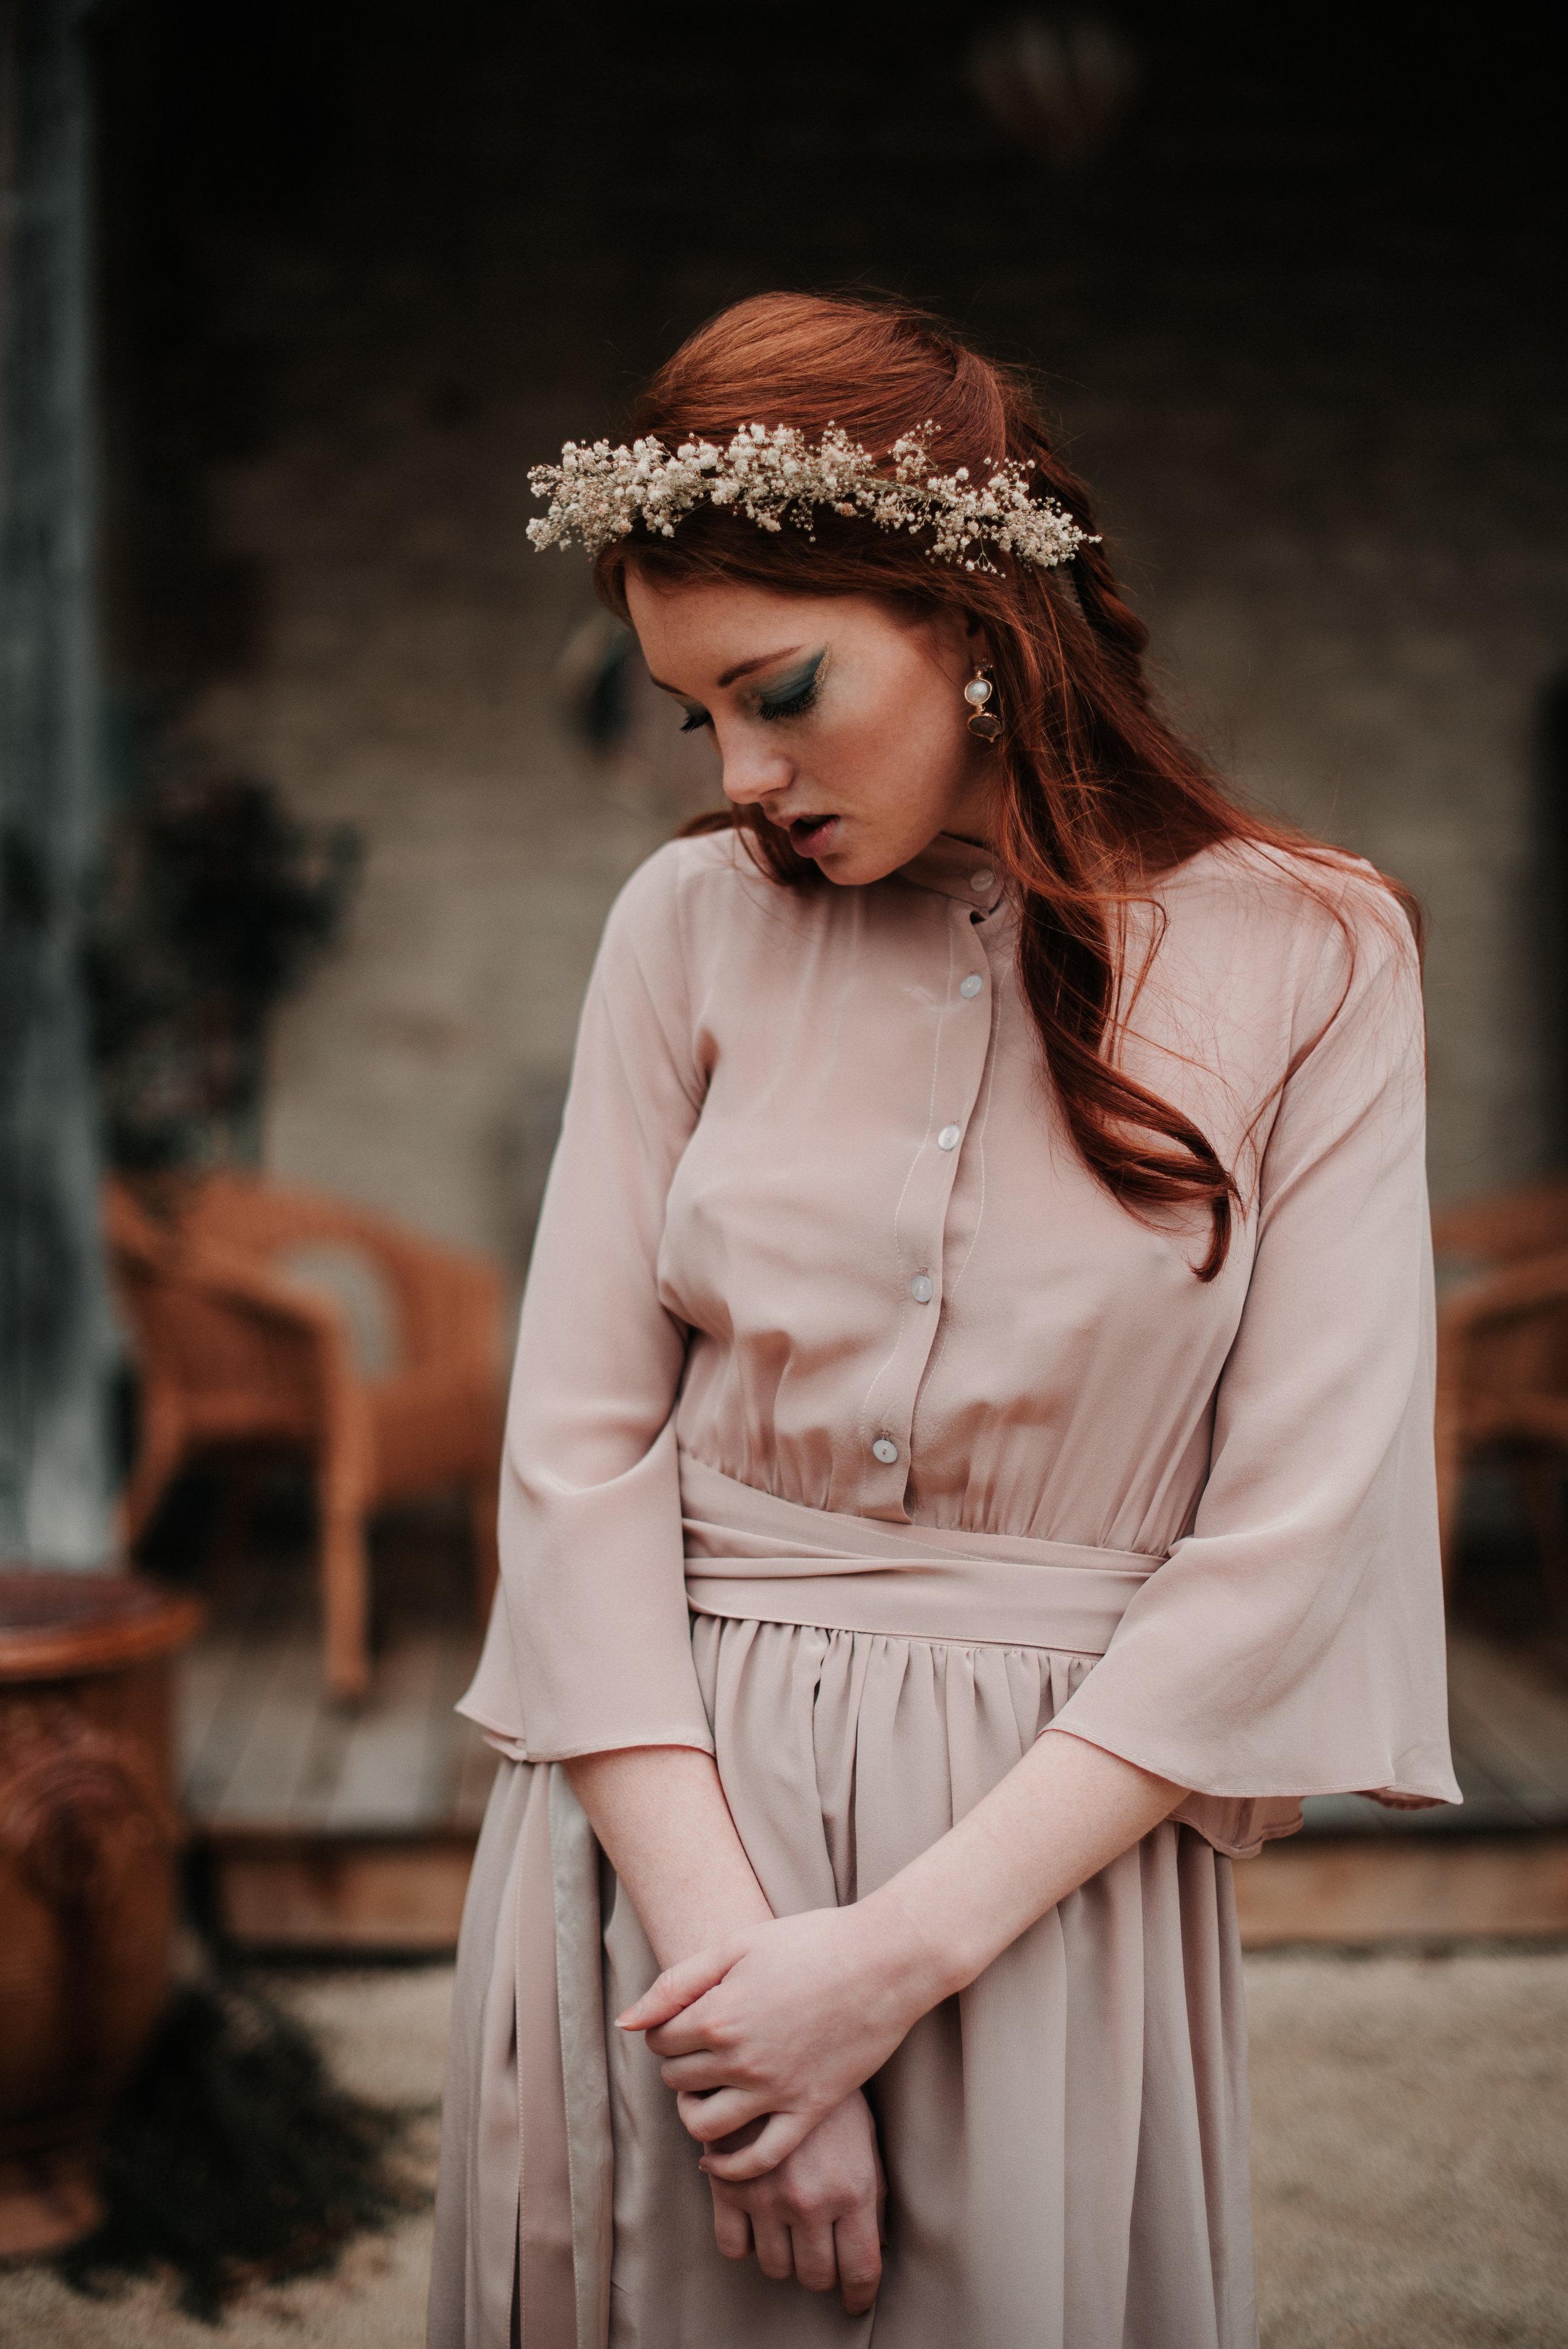 Léa-Fery-photographe-professionnel-lyon-rhone-alpes-portrait-creation-mariage-evenement-evenementiel-famille-3134.jpg